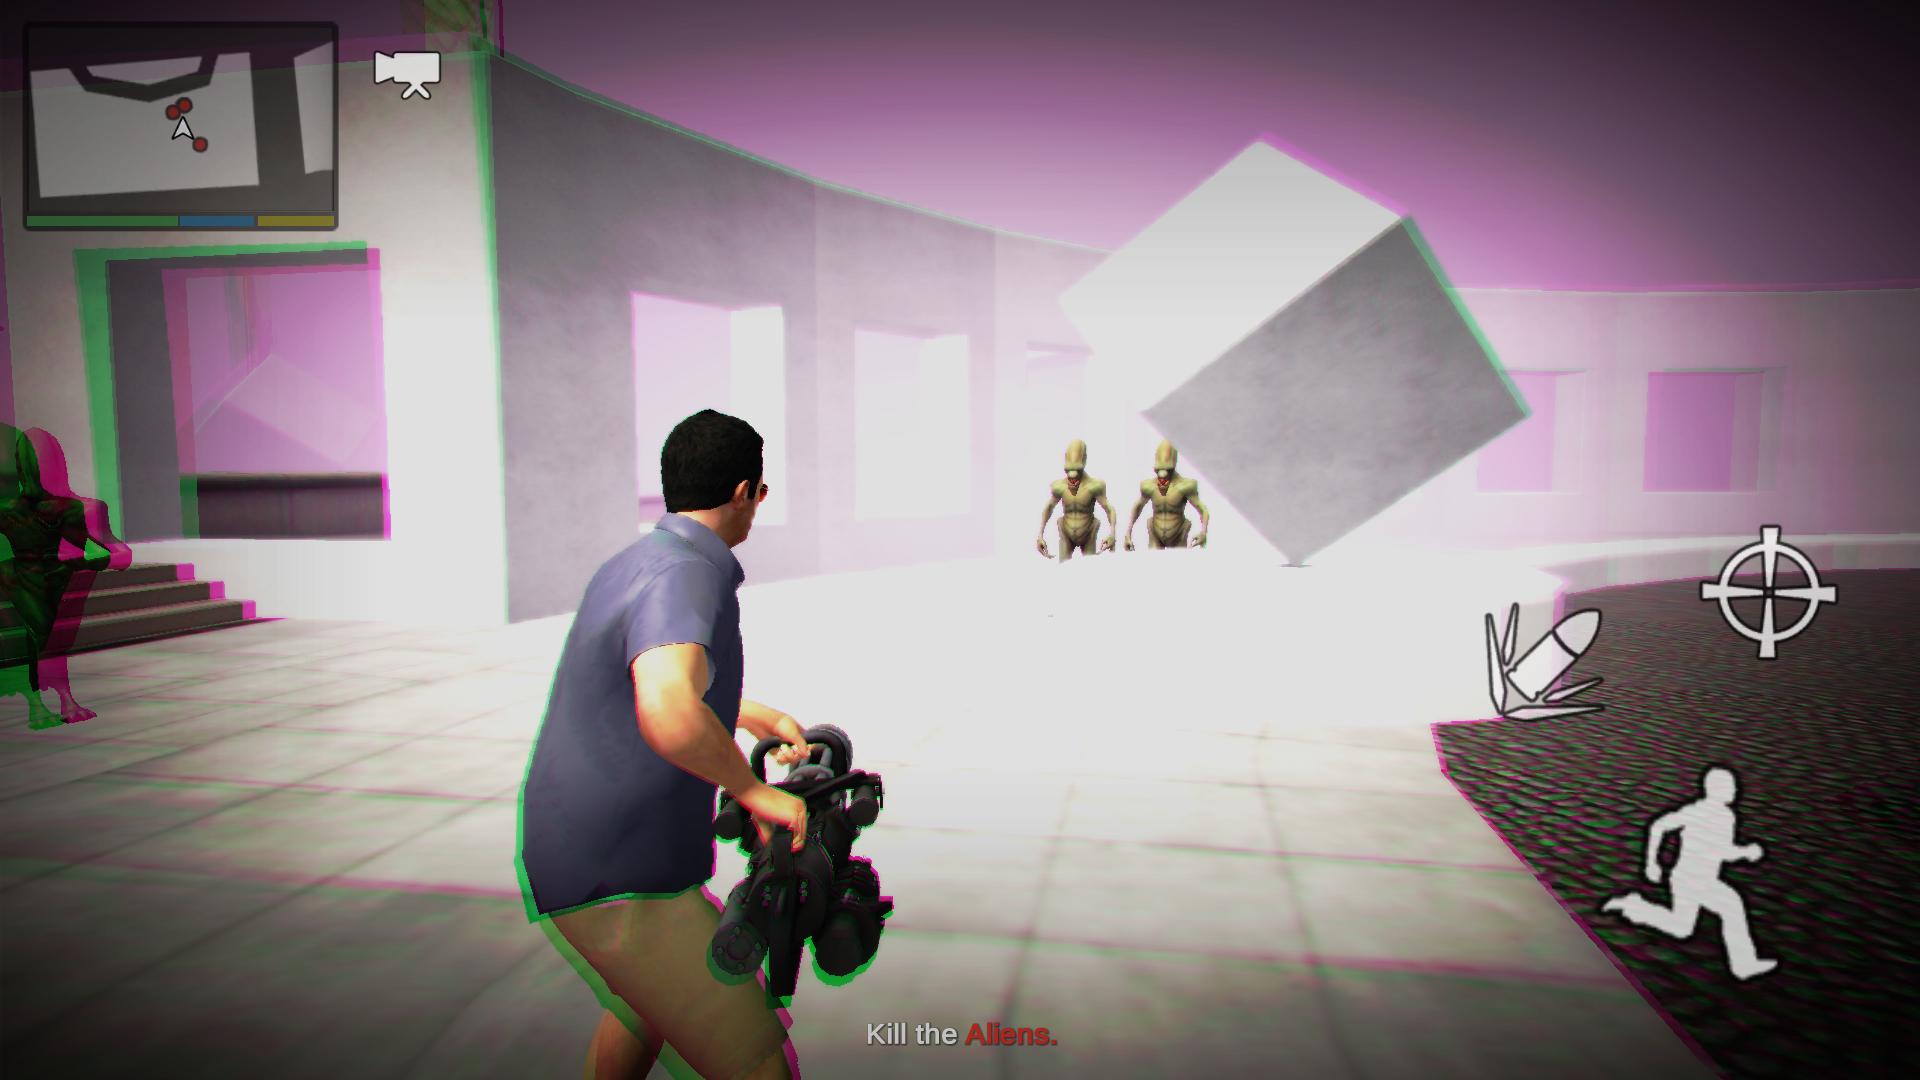 دانلود بازی gta zombie برای اندروید